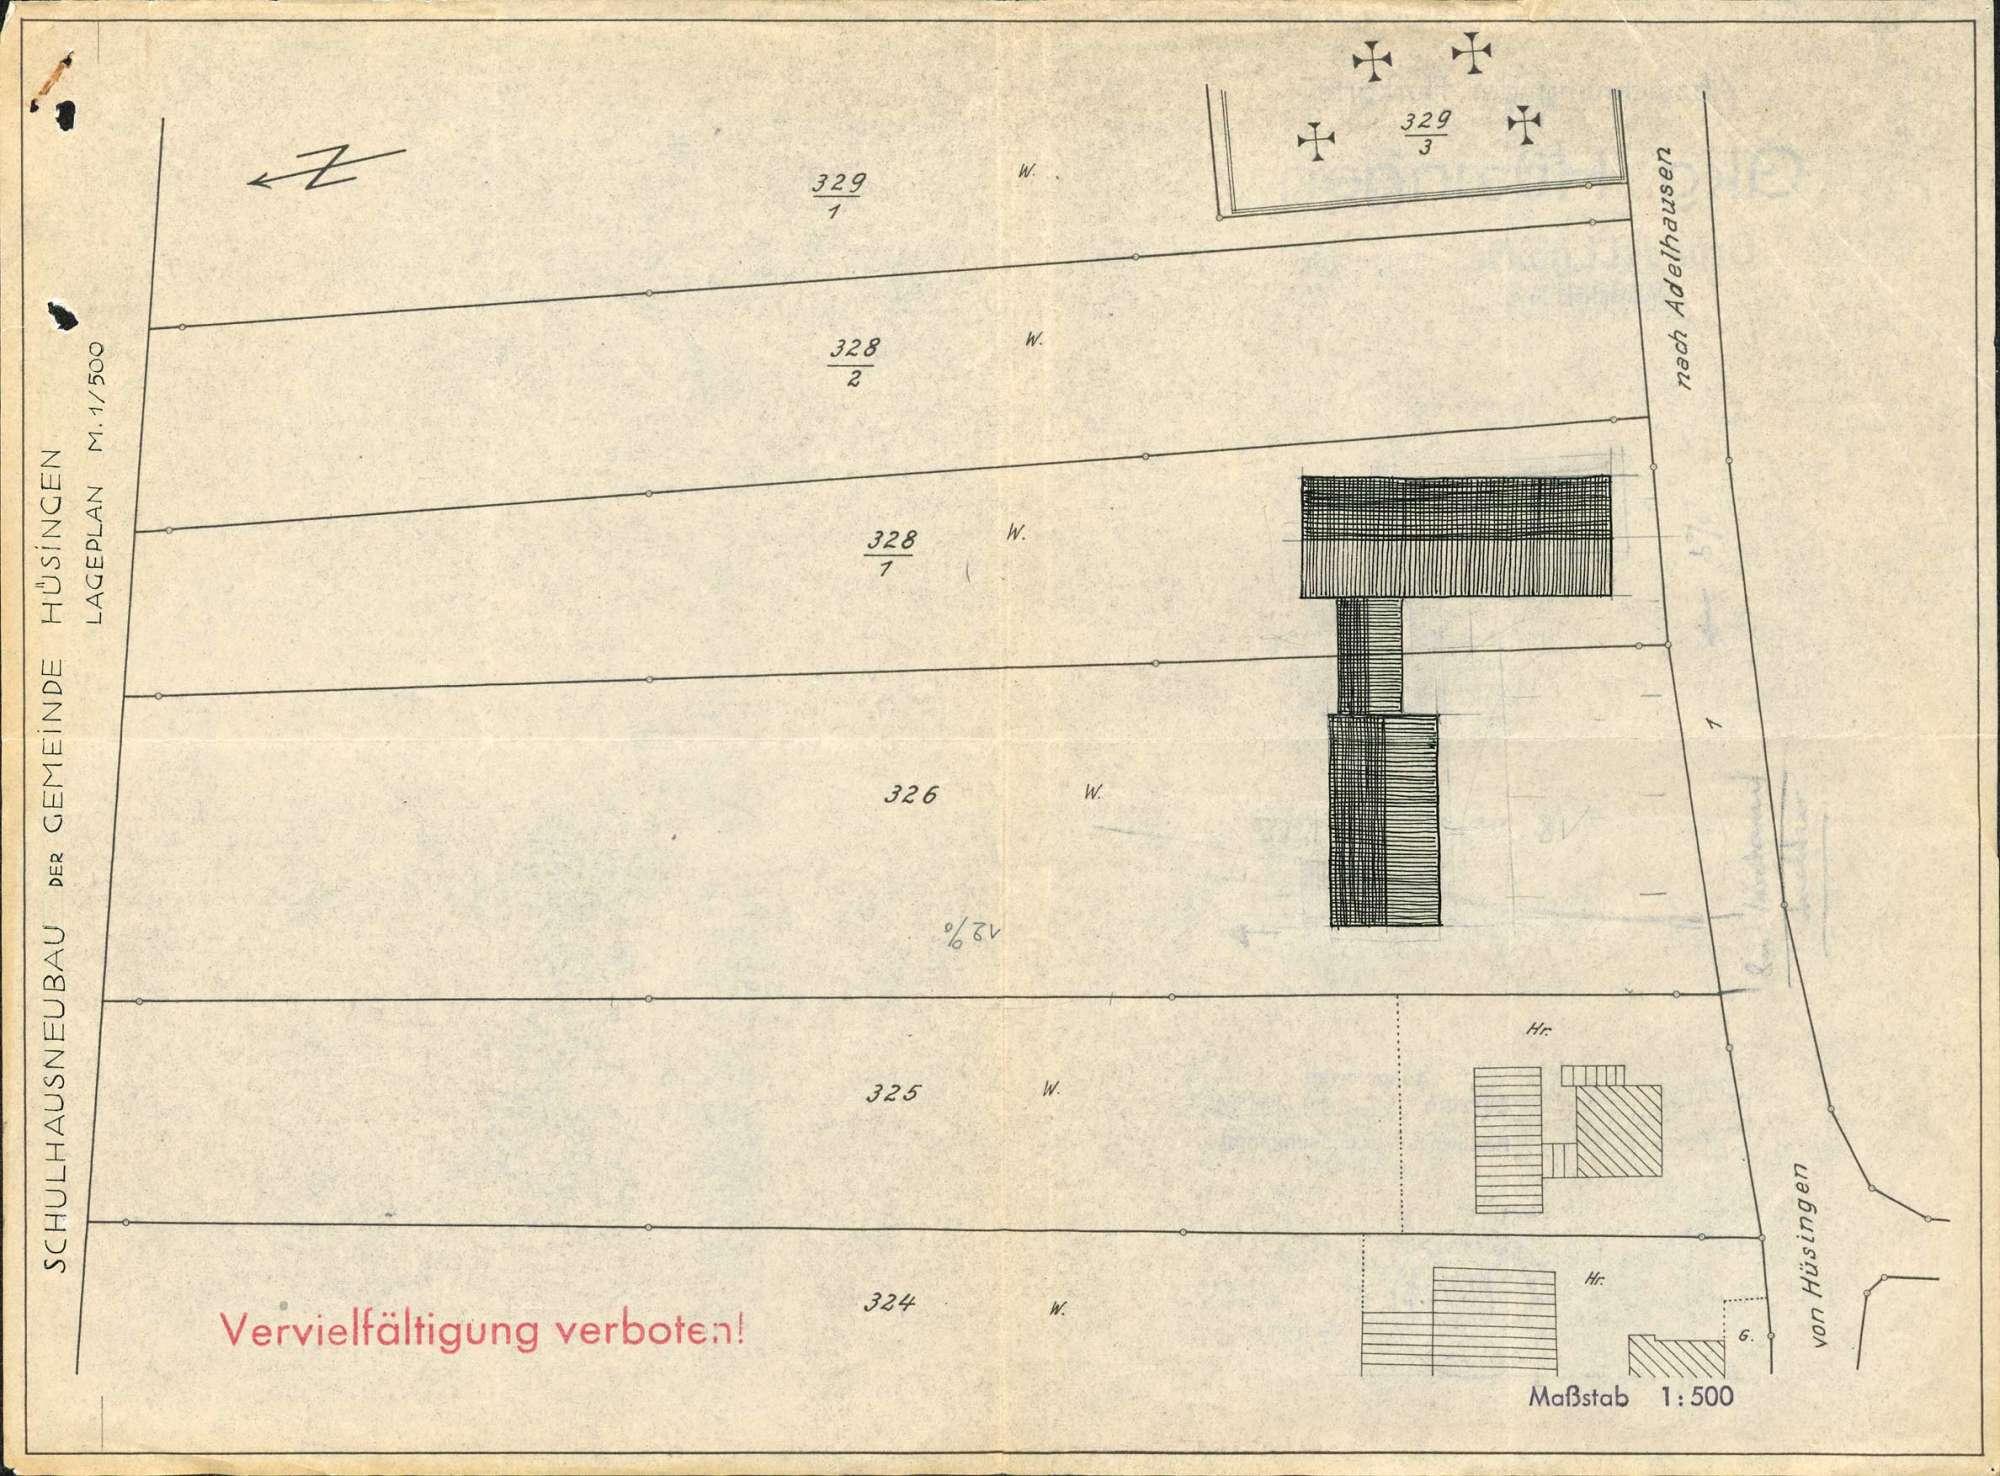 Erstellung eines Schulhauses und eines Saalgebäudes in der Gemeinde Hüsingen, Bild 1